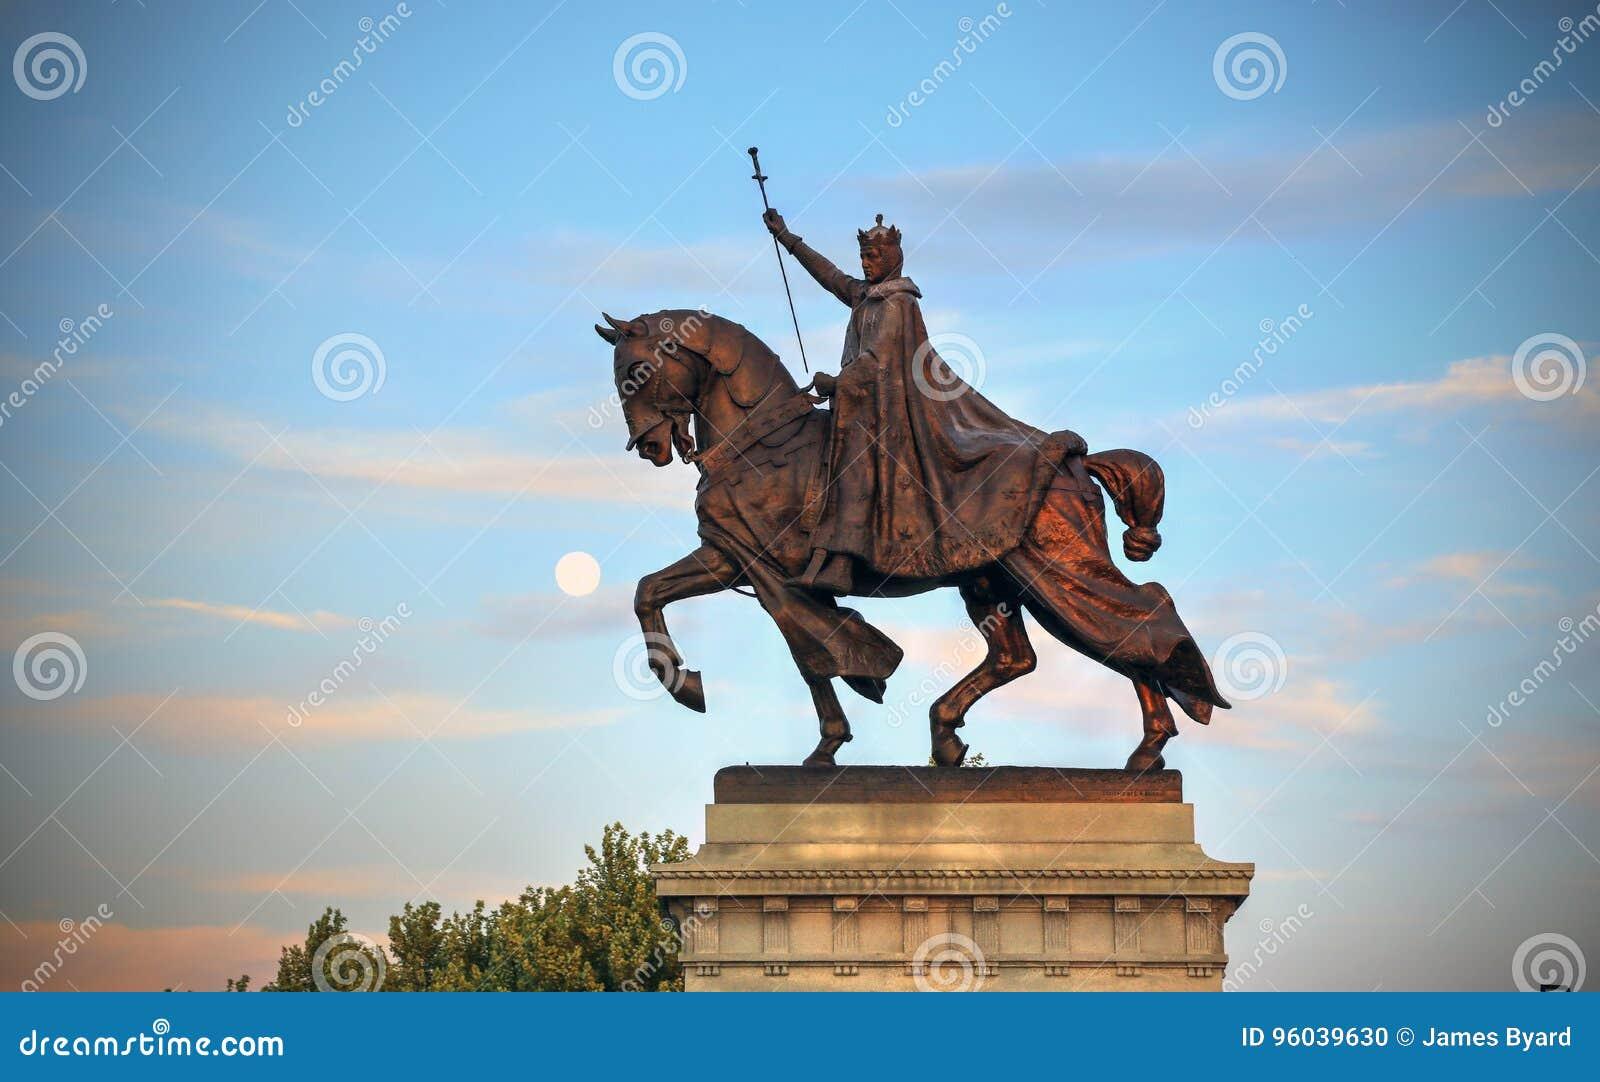 St. Louis Statue